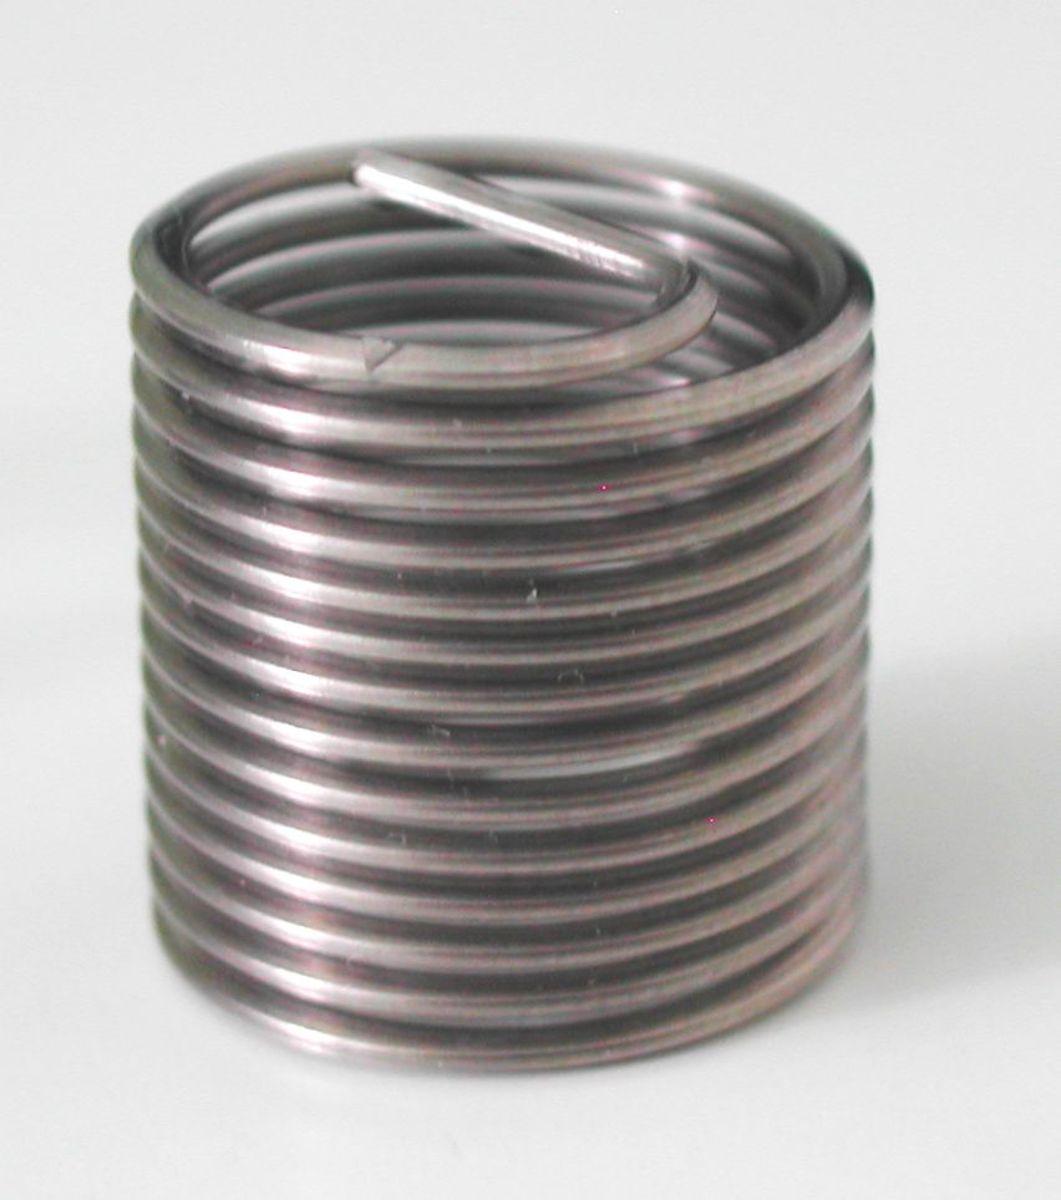 coil-style thread-repair insert